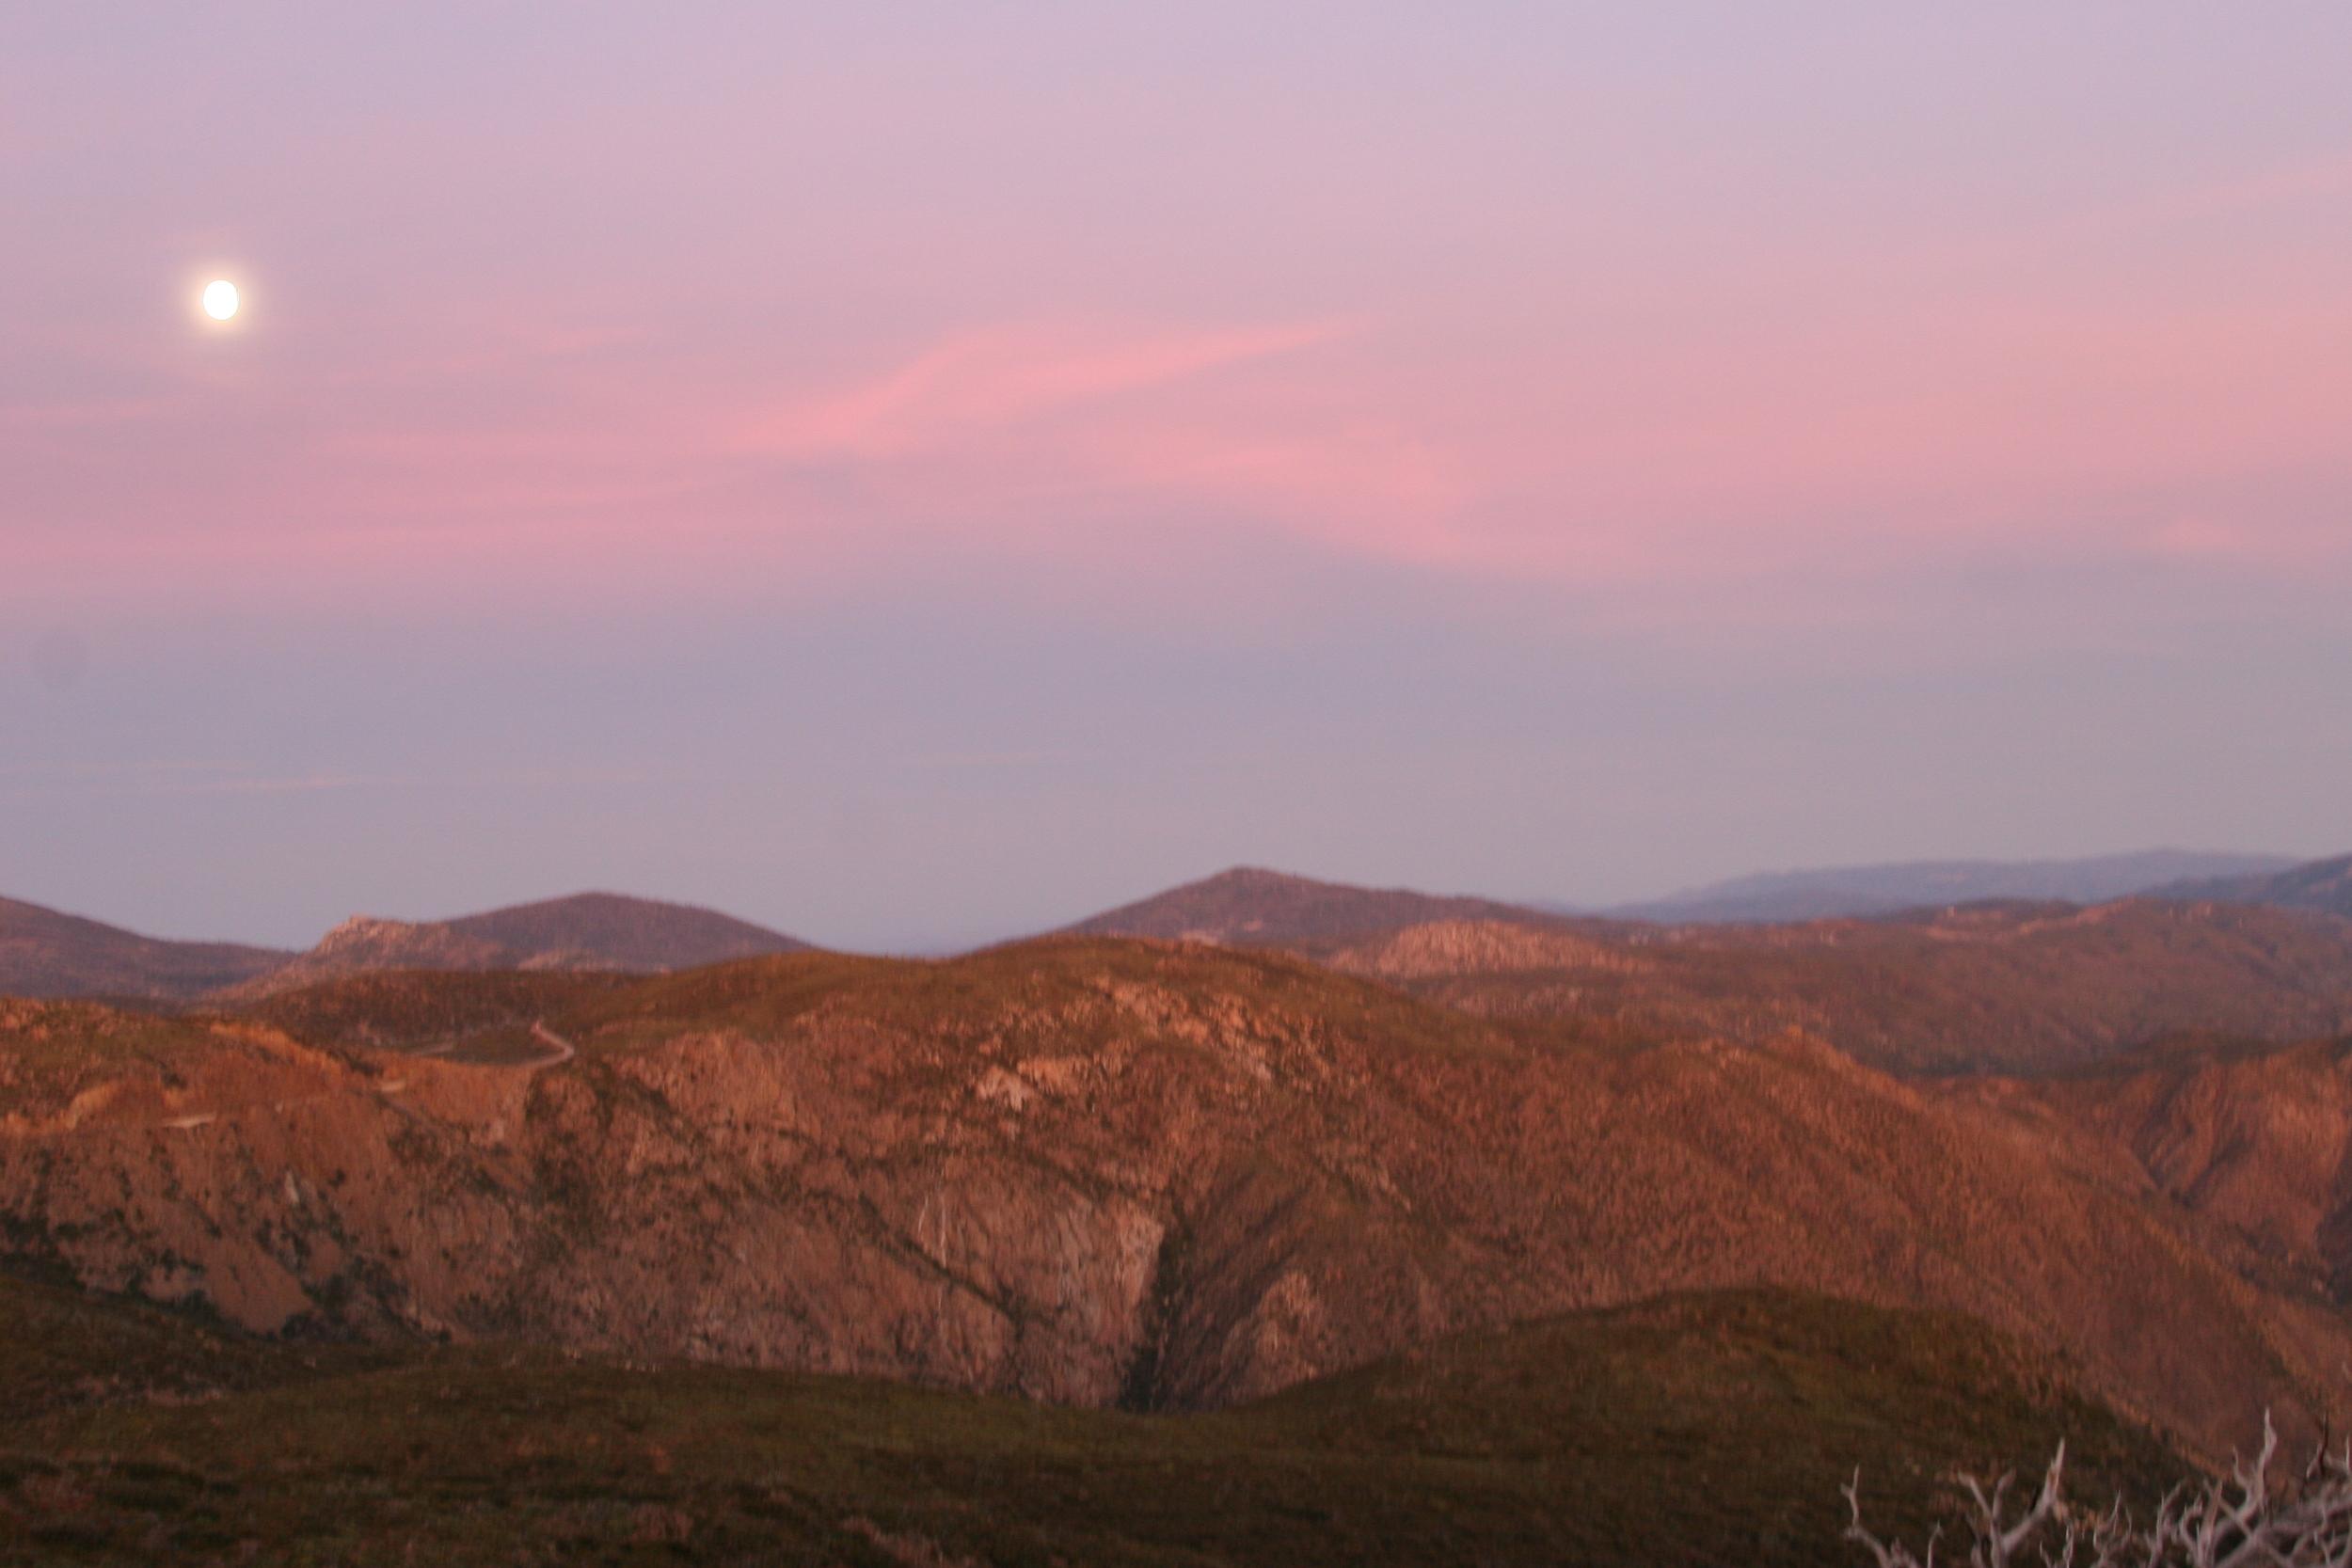 Sunrise and Moonset, Laguna Mountains